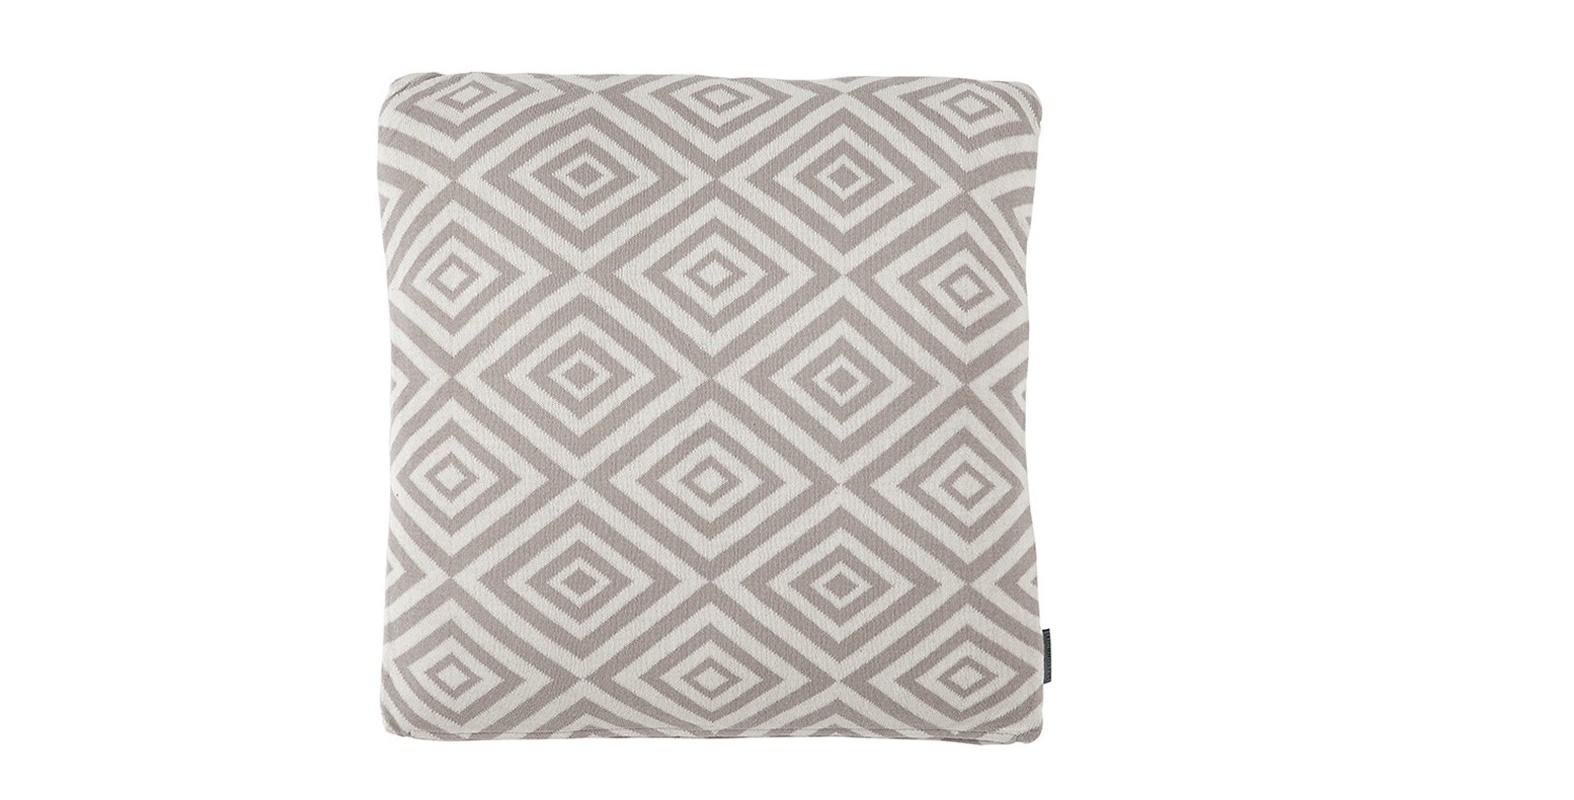 Подушка Pillow CurtisКвадратные подушки и наволочки<br>Подушка от бренда Eichholtz выполнена в традиционном скандинавском стиле. Нордический узор в интерьерах стран Северной Европы – не просто дань моде. Скорее, это попытка привнести в помещение тепло и уют. Pillow Curtis воплощает собой полную гармонию. Сочетание простых геометрических форм, мягкая цветовая палитра добавят в пространство эстетичности и комфорта.&amp;amp;nbsp;<br><br>Material: Текстиль<br>Ширина см: 50<br>Высота см: 50